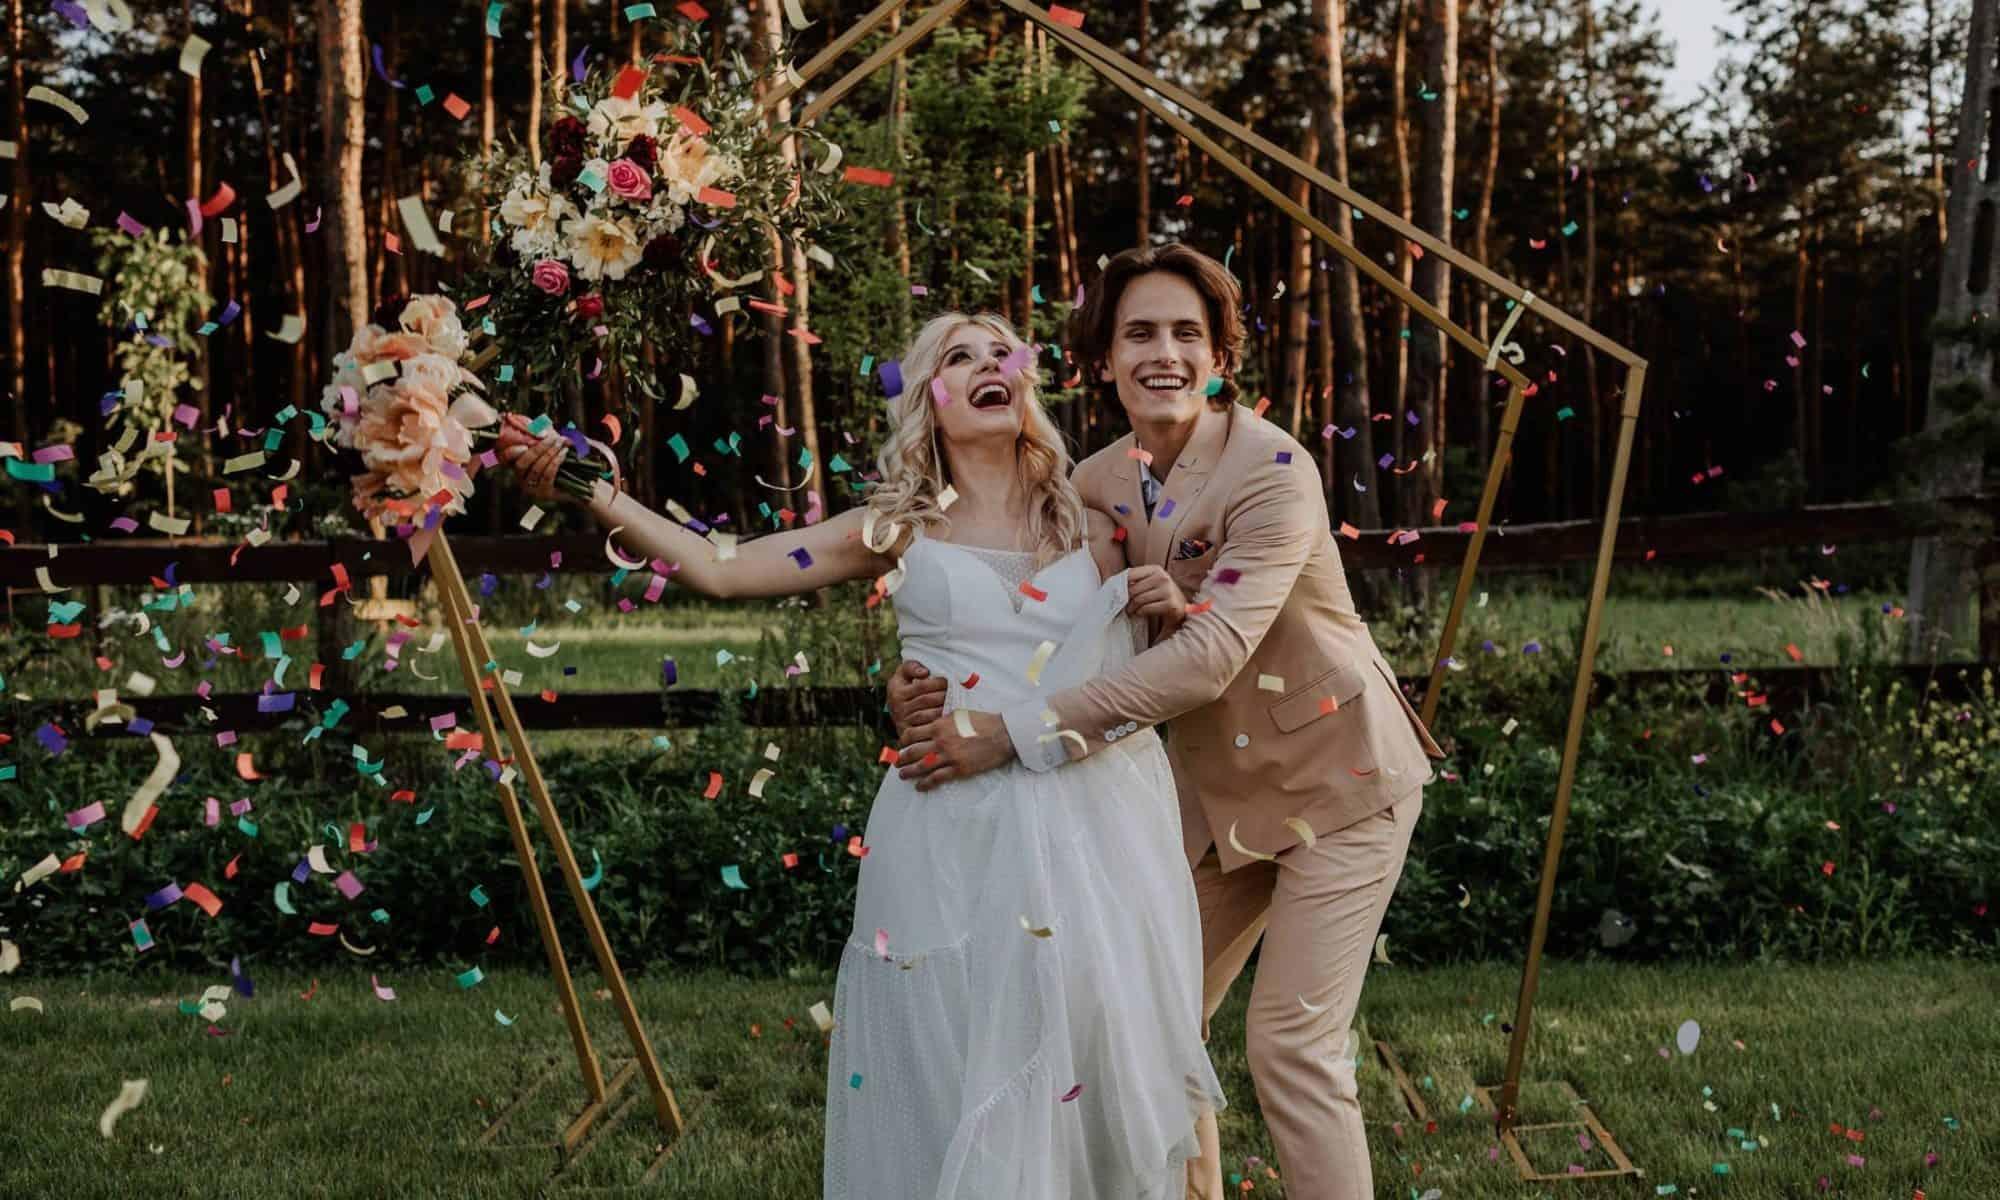 Łuk ślubny to nieodłączny element ślubu w plenerze